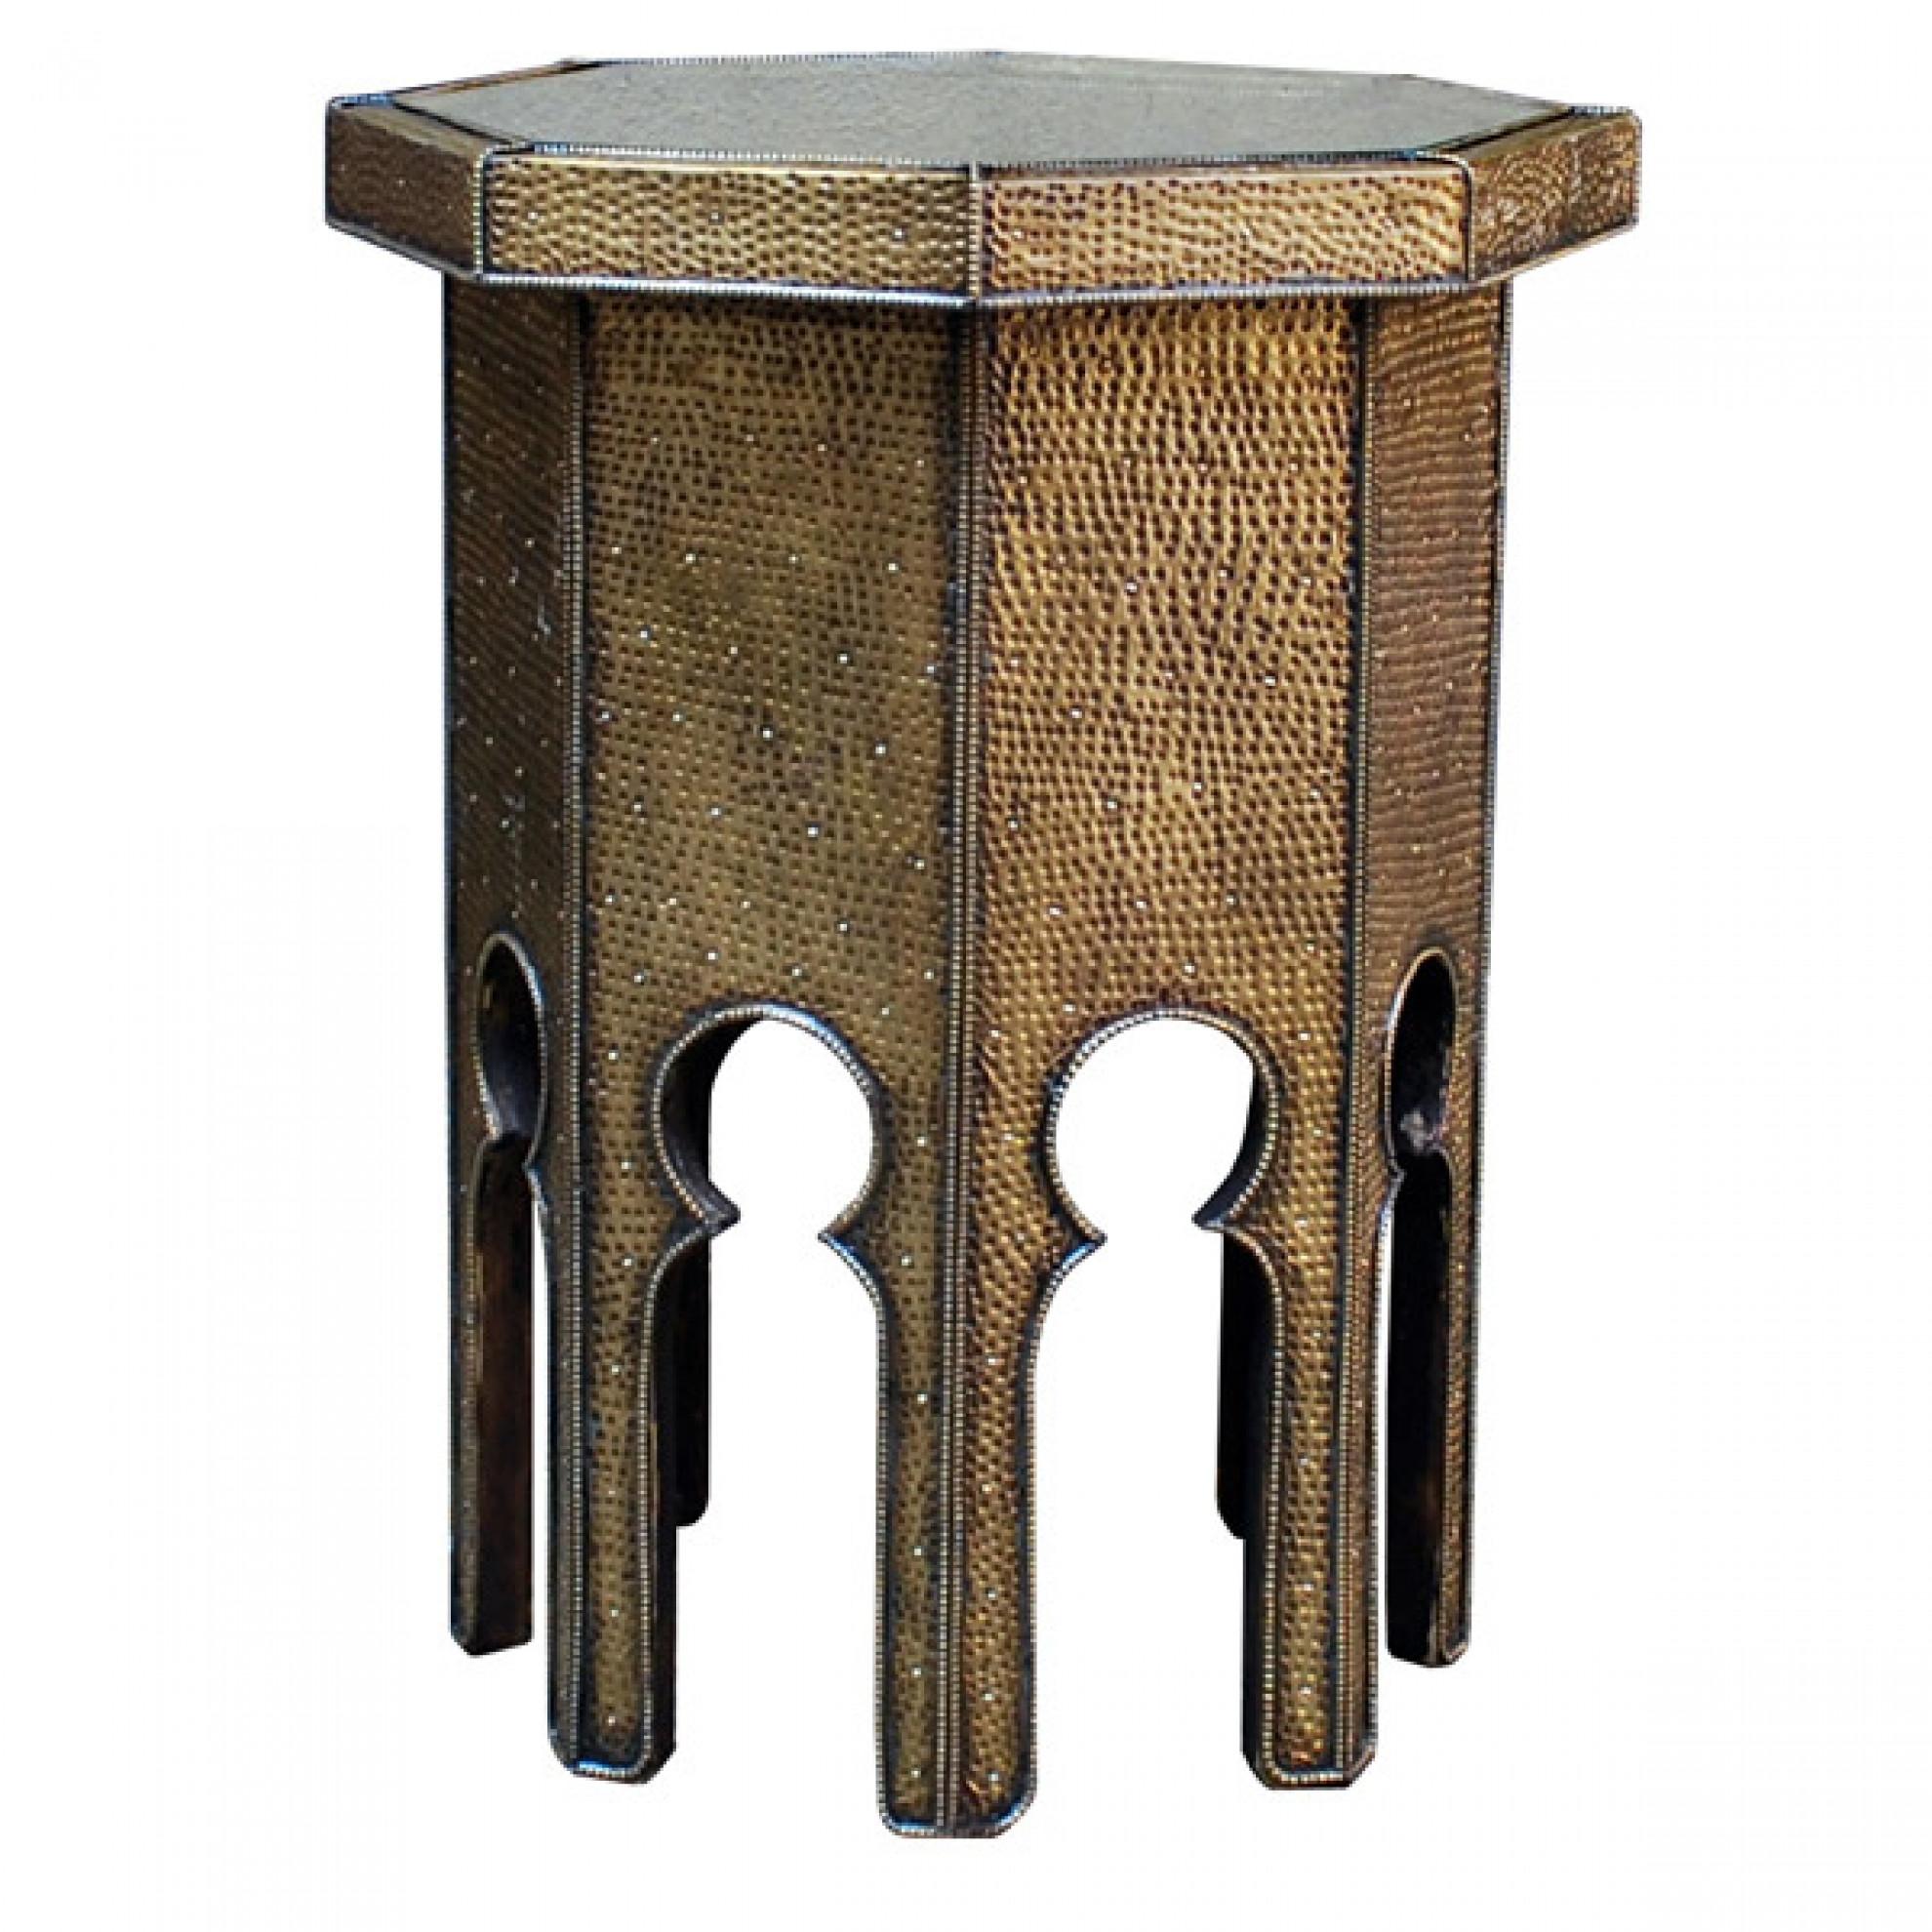 orientalischer teetisch dahbi aus messing. Black Bedroom Furniture Sets. Home Design Ideas